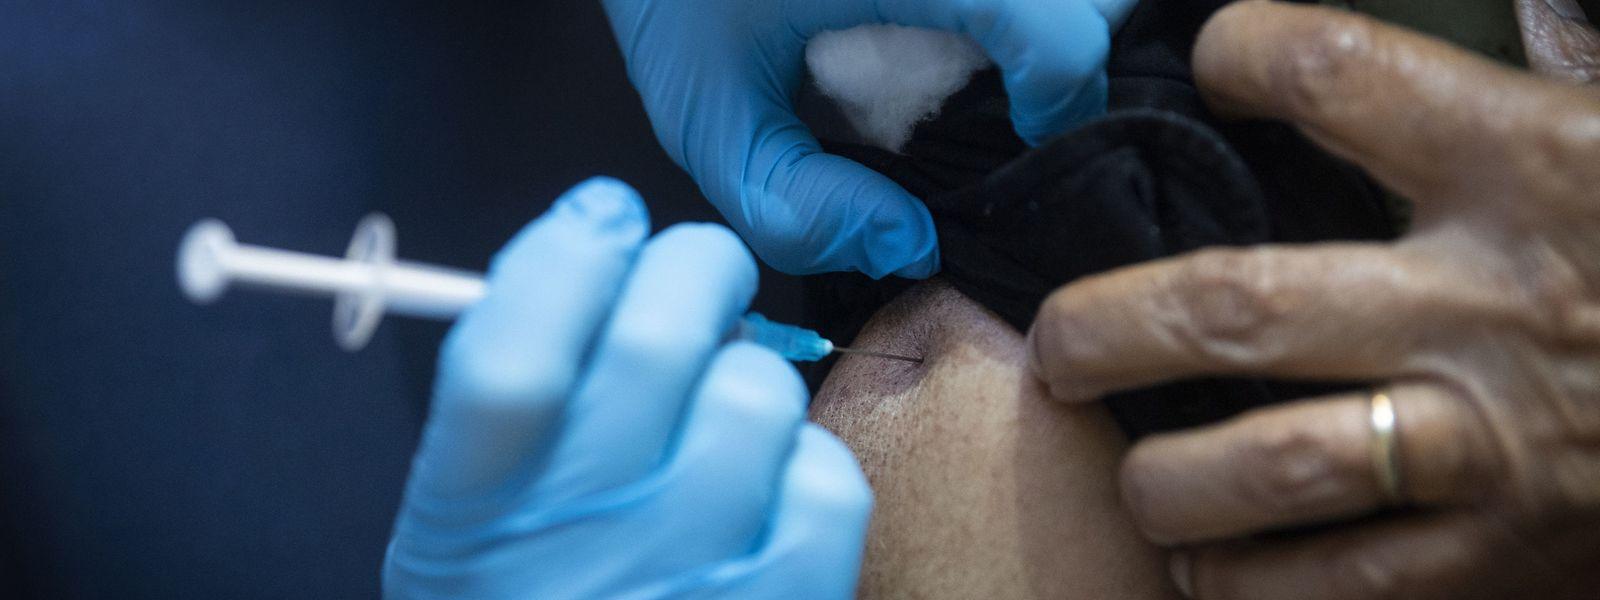 Au Royaume-Uni, la campagne de vaccination a commencé ce mardi. C'est le vaccin Pfizer qui a été retenu par les autorités.